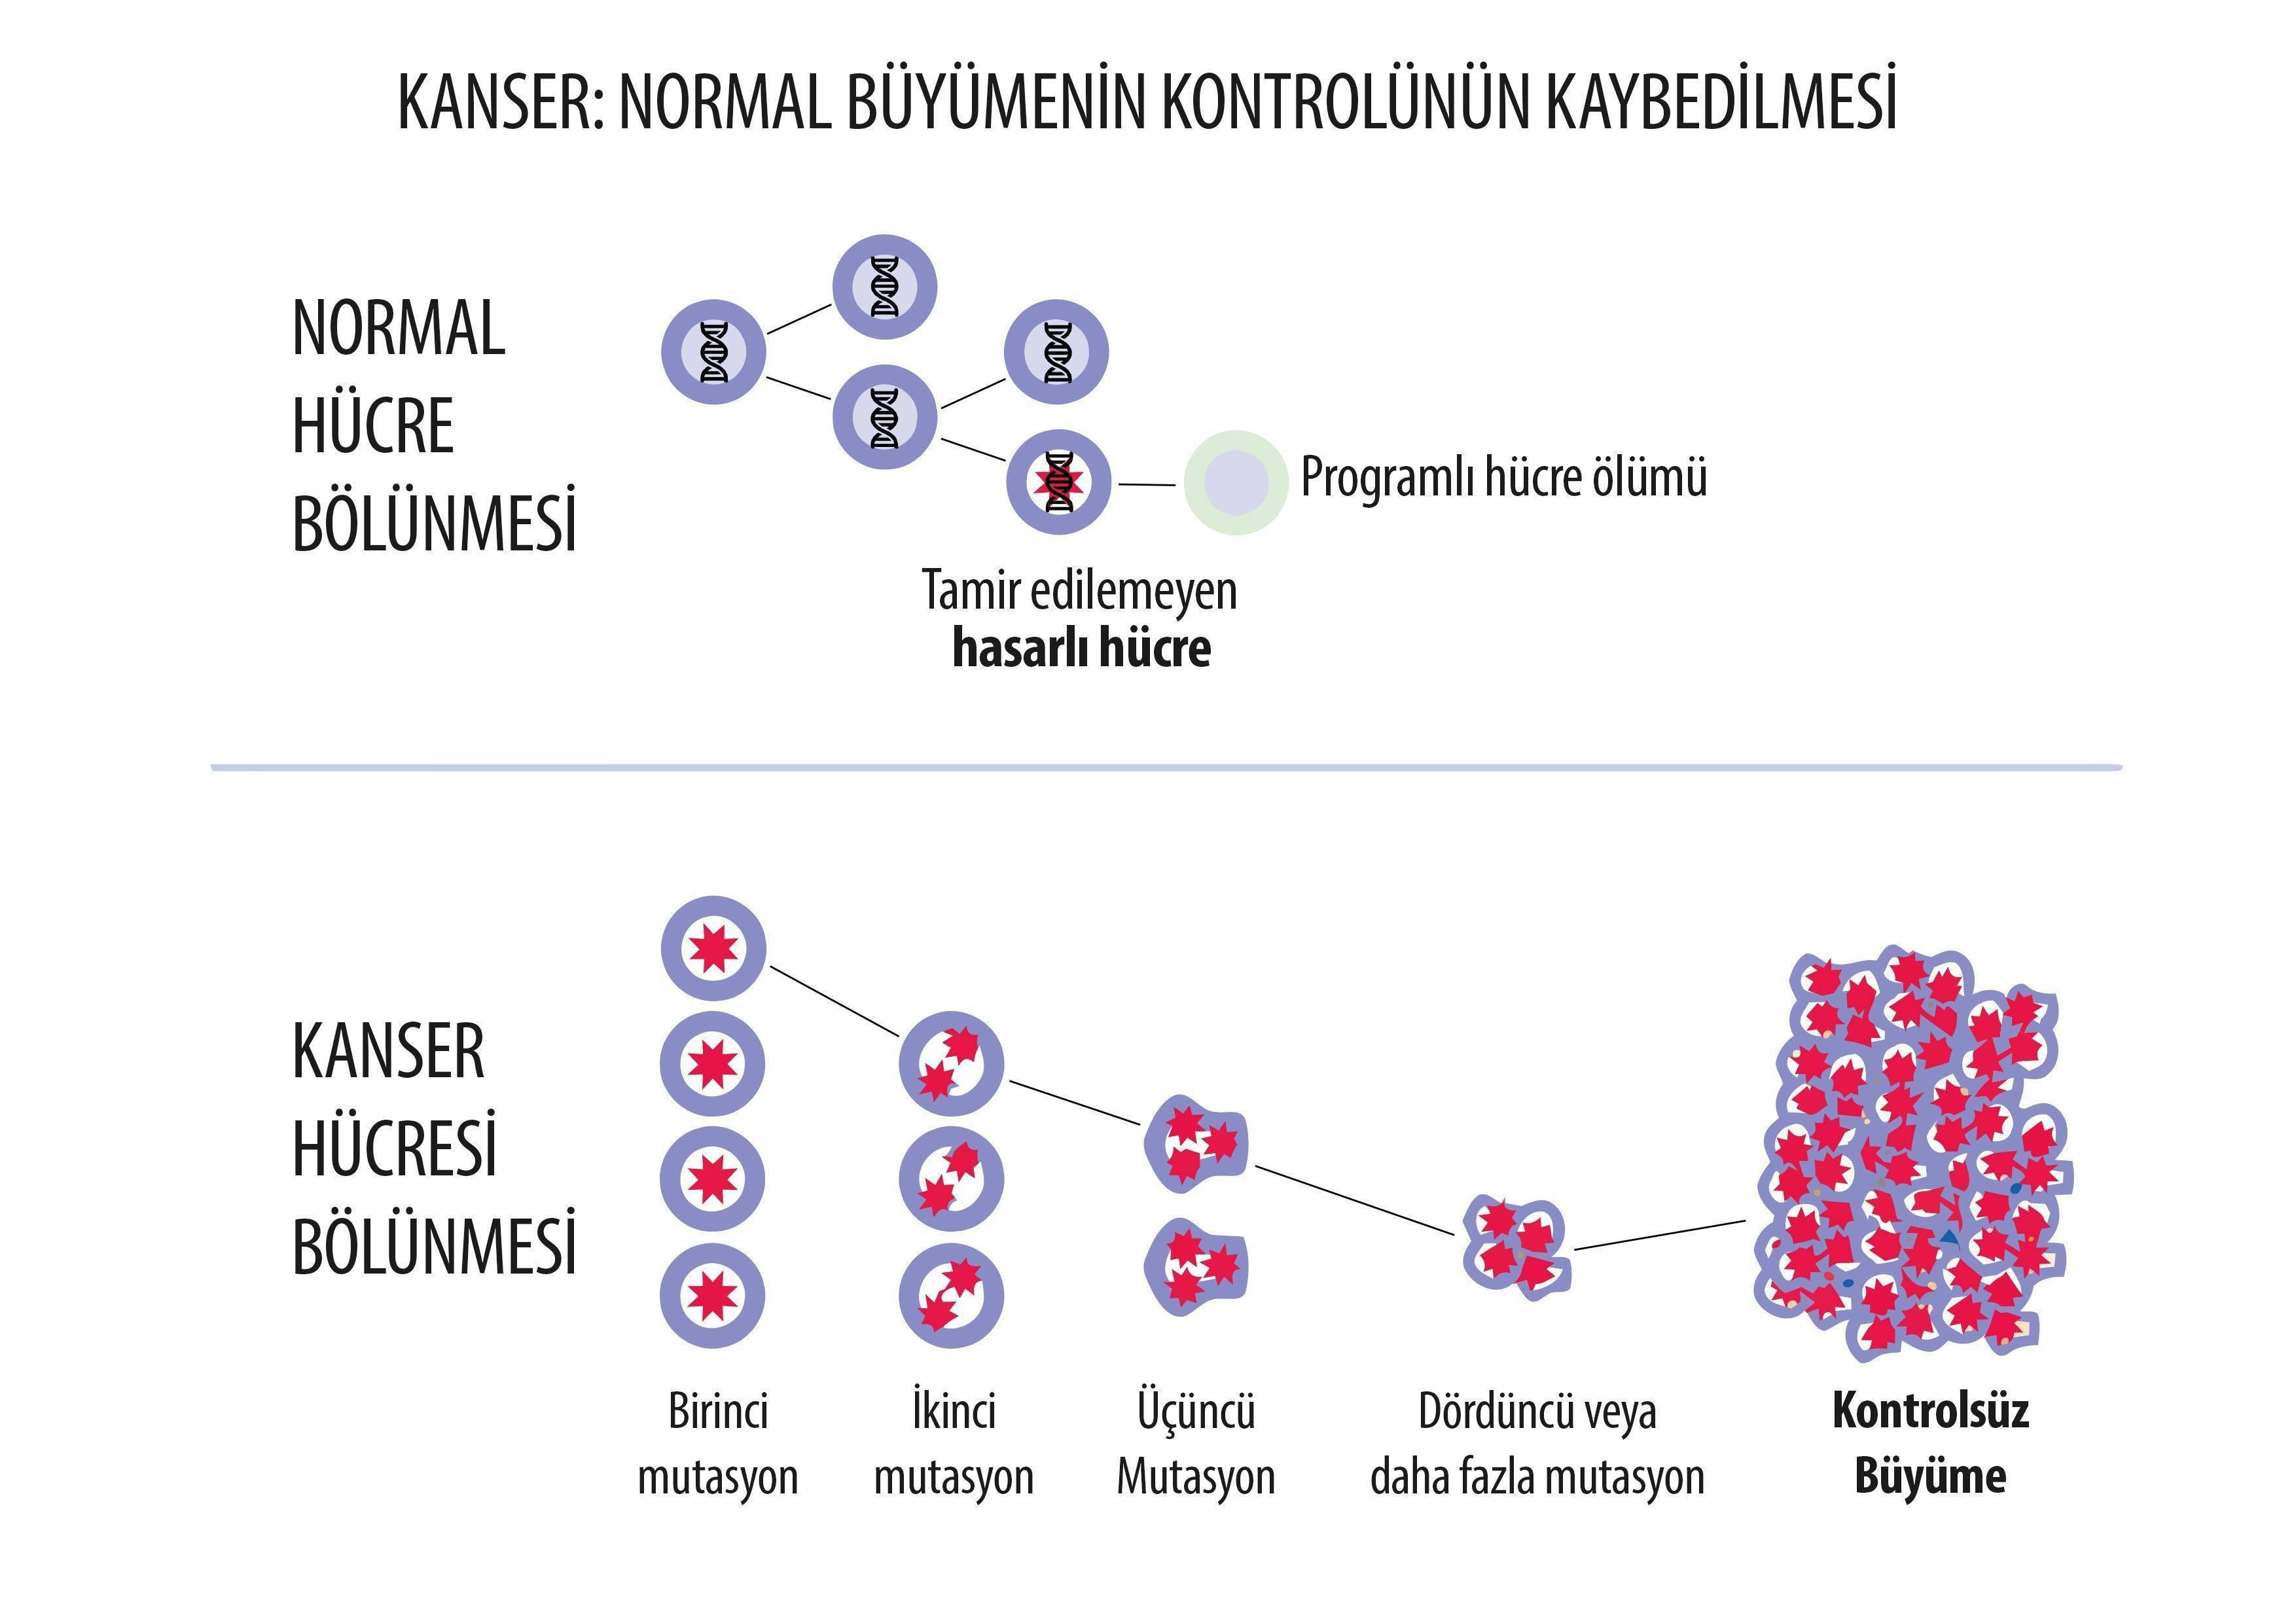 Kanser nedir kontrolsüz hücre çoğalması malign hastalık